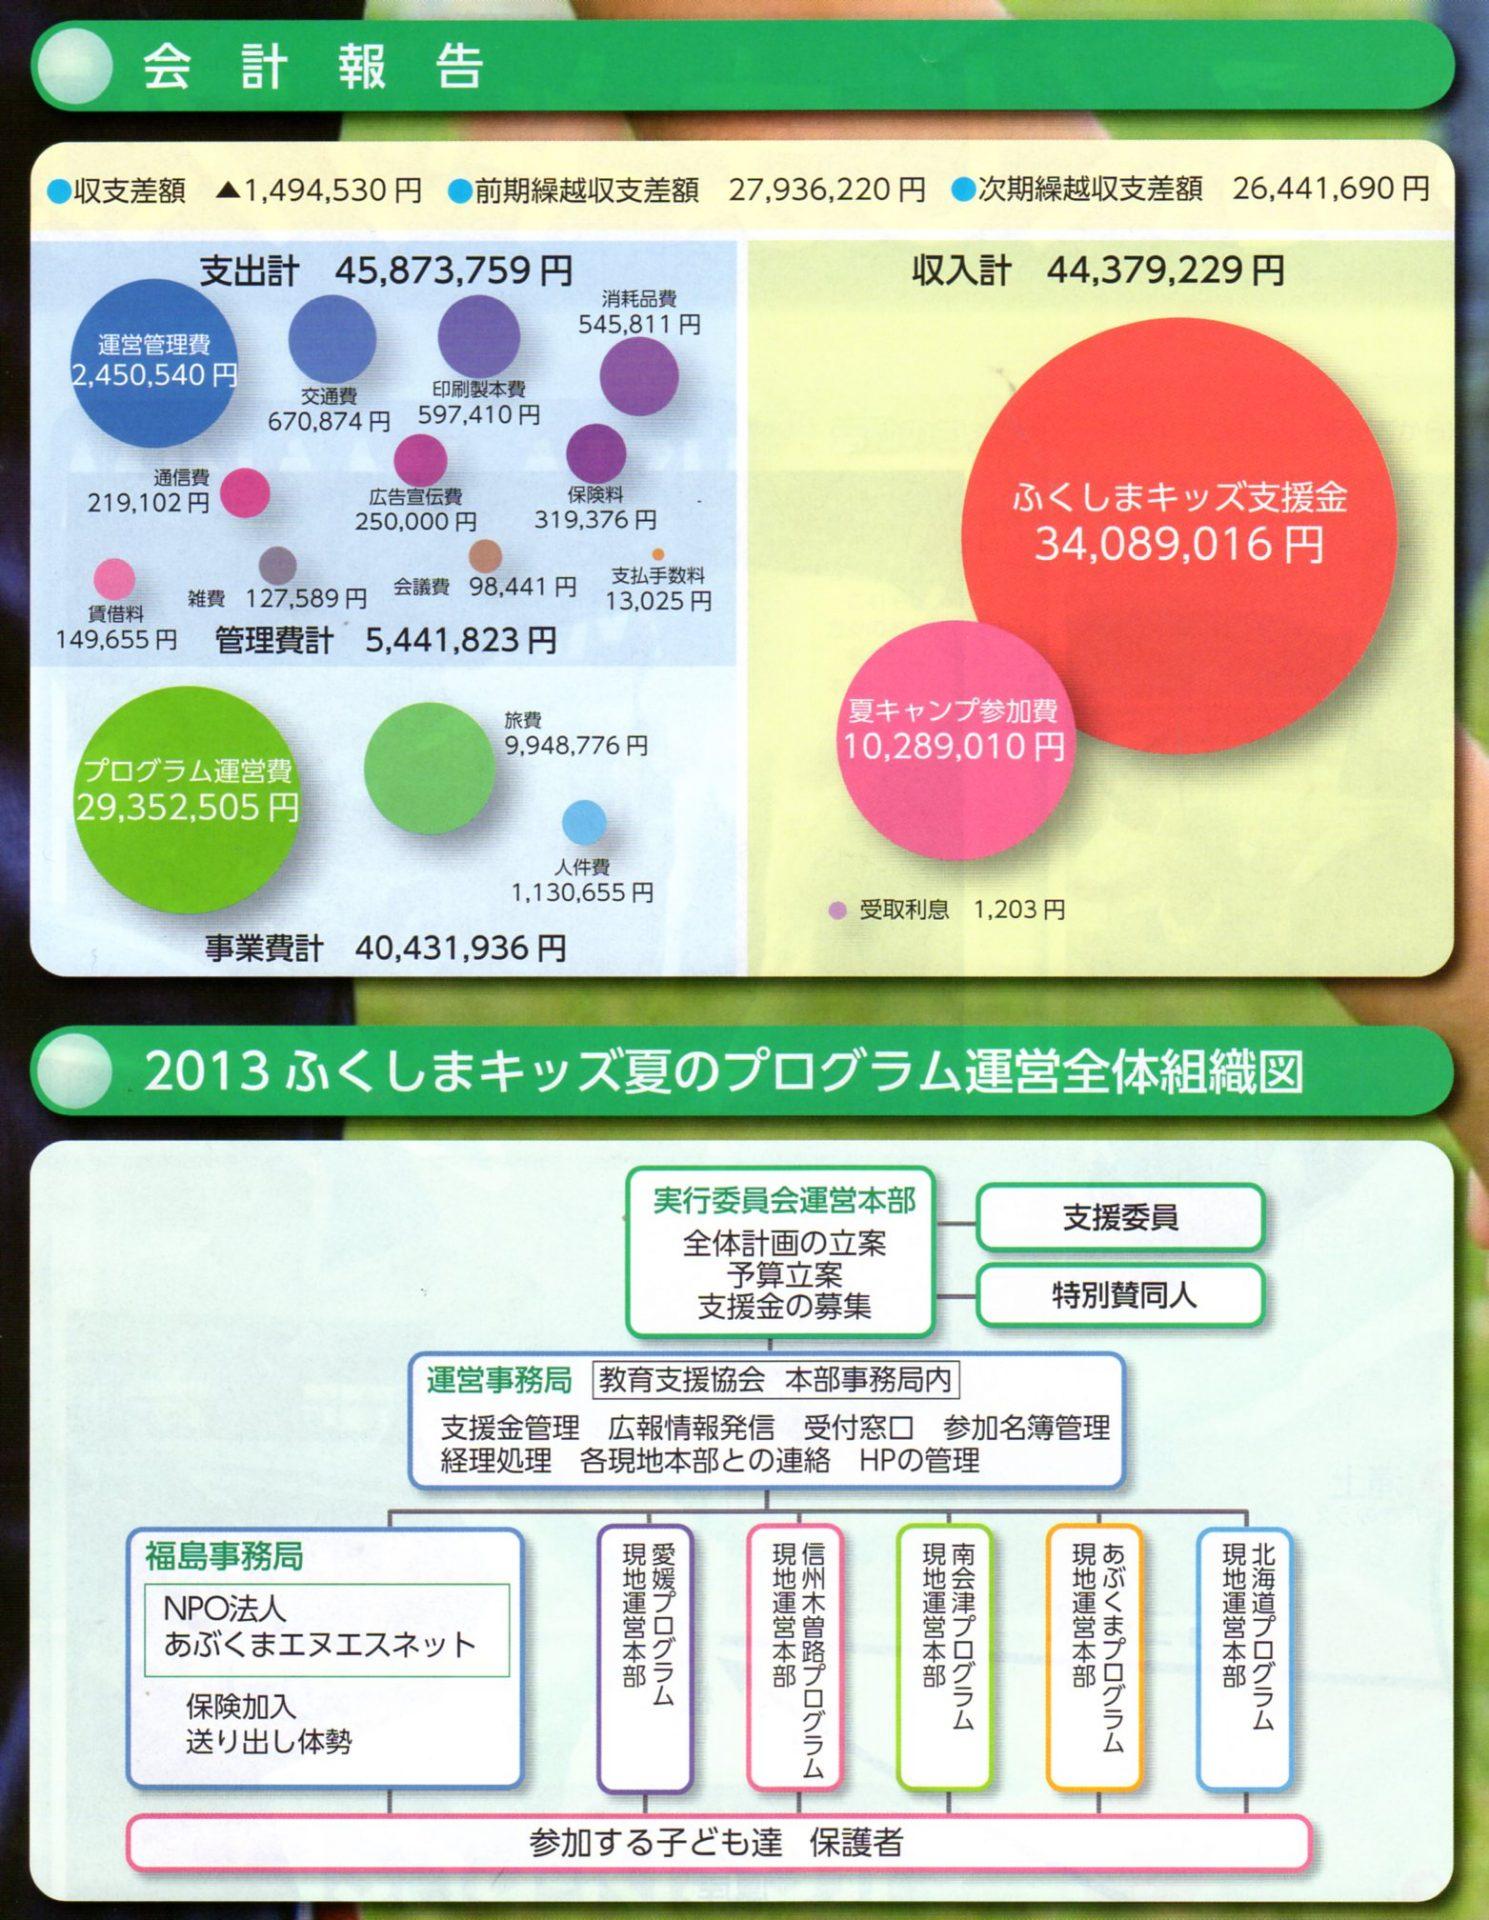 2013年度ふくしまキッズ夏季林間学校活動報告会